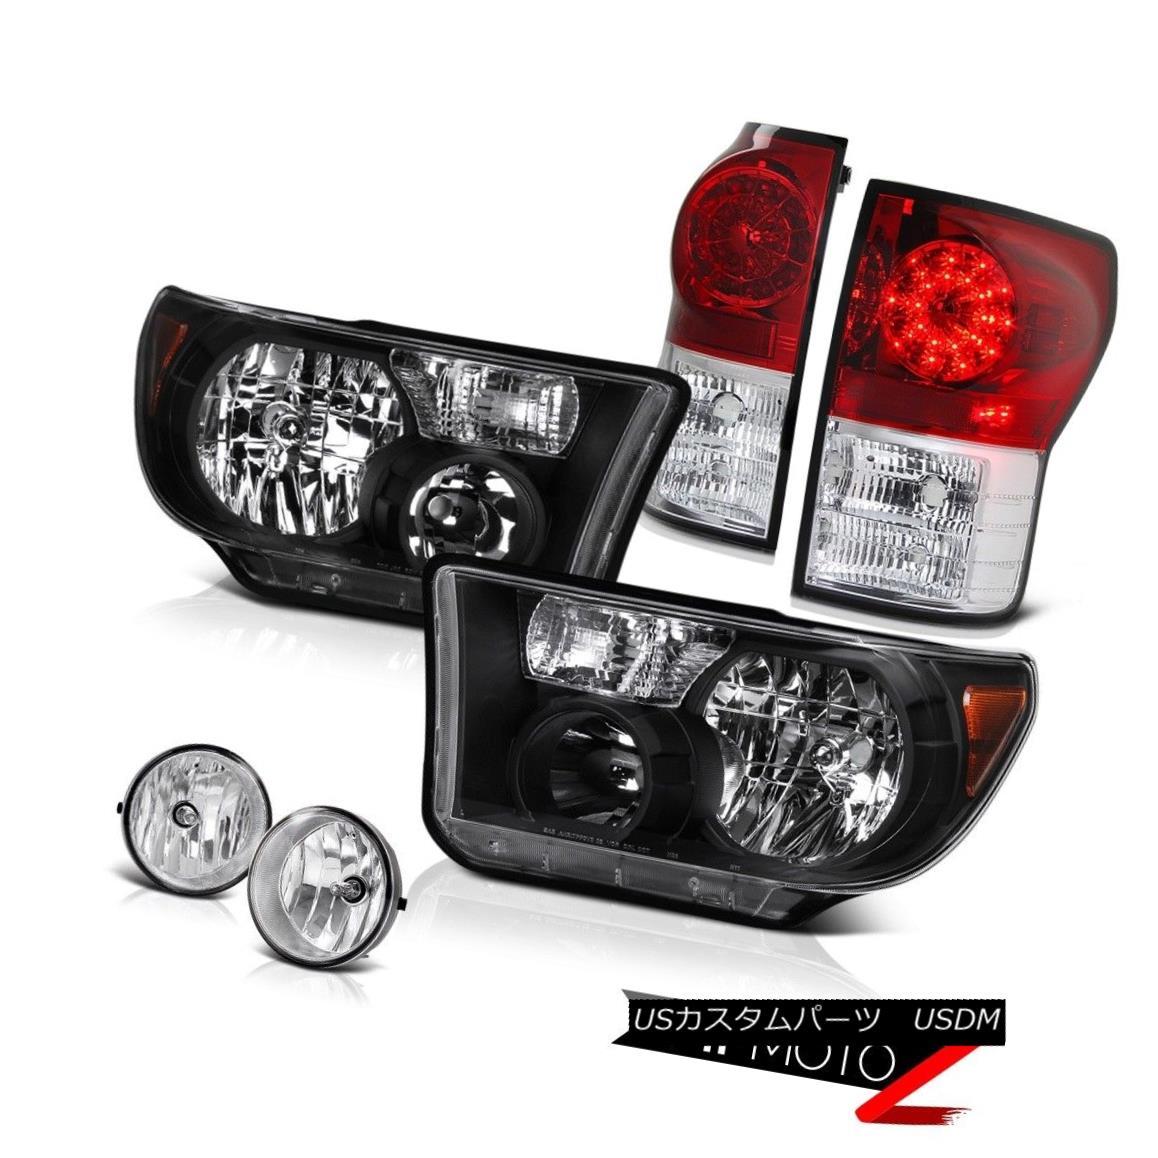 テールライト L+R Black Diamond Headlight+Led Tail Lamp+Fog Light 07-2013 Toyota Tundra L + Rブラックダイヤモンドヘッドライト+ Ledテールランプ+フォグライト07-2013 Toyota Tundra